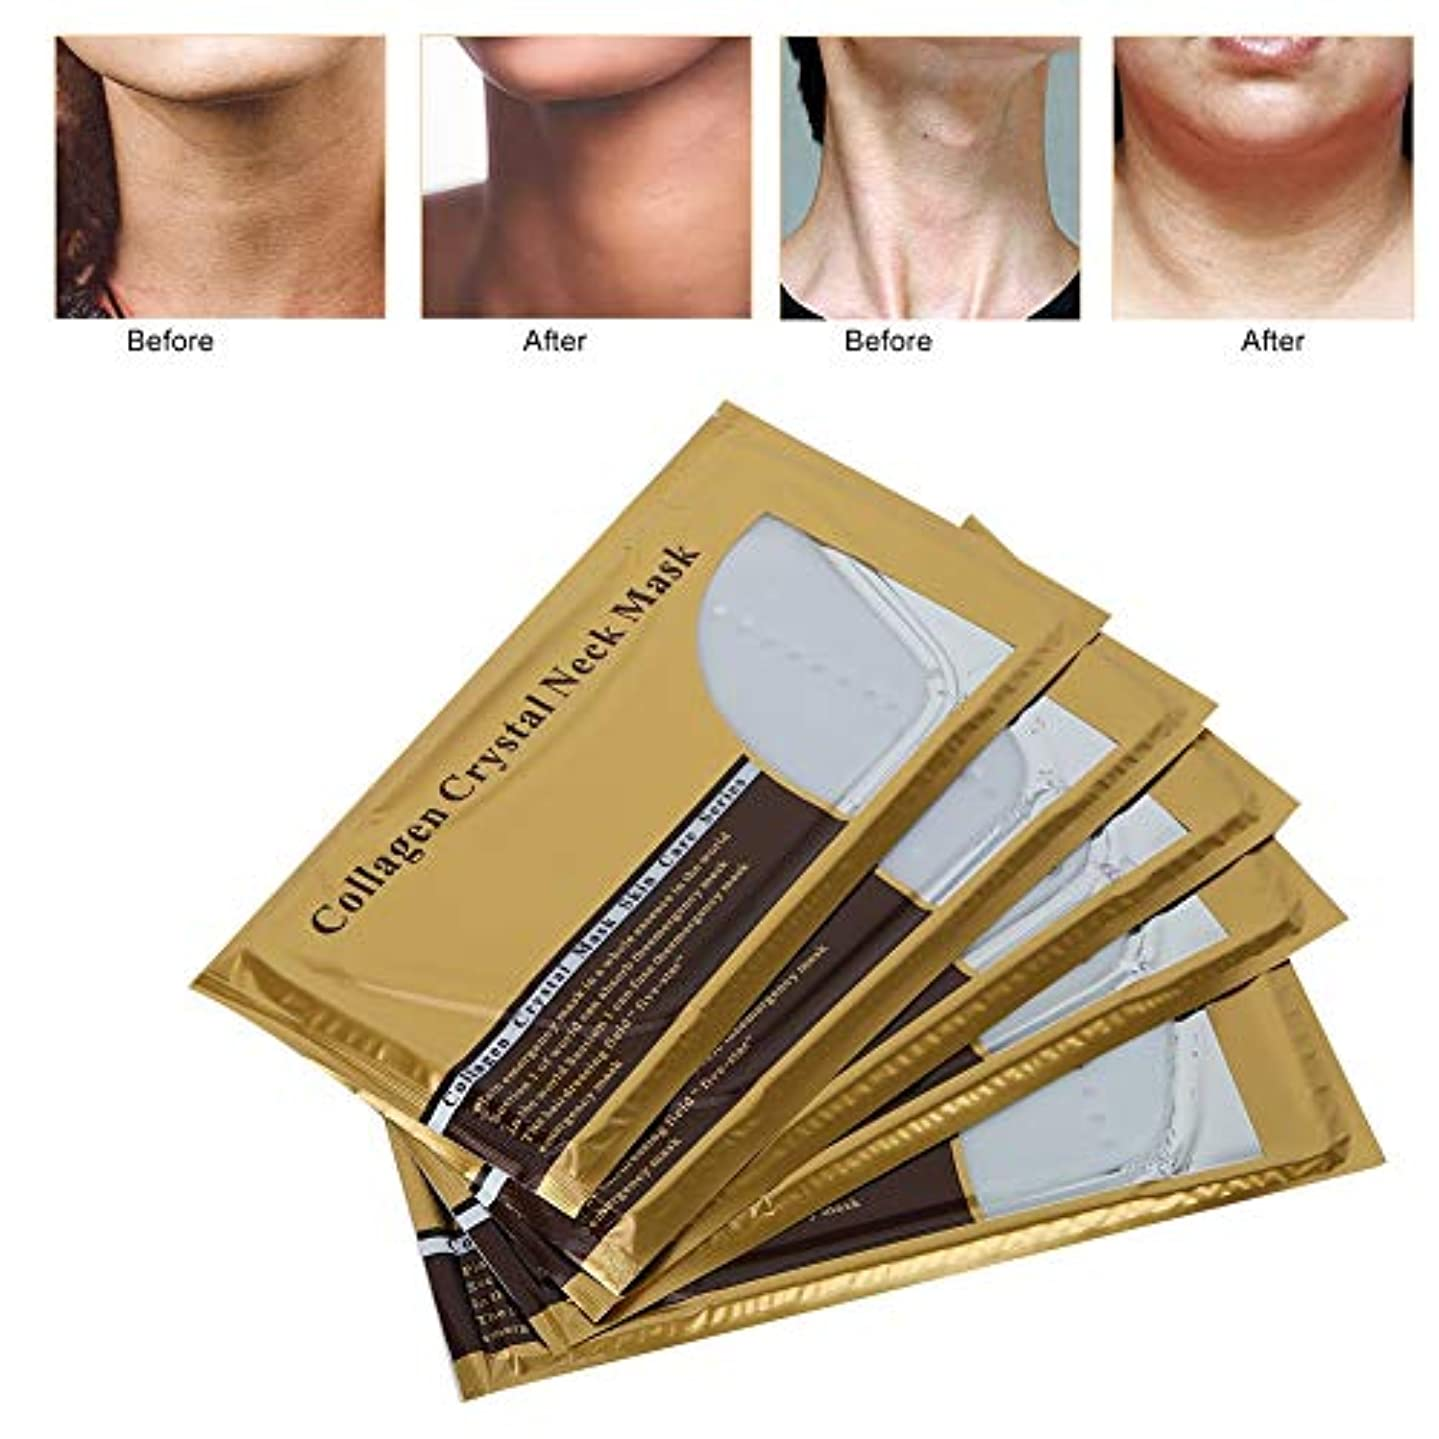 咽頭虚弱正気ネックスキンリニューアルマスク、5ピースコラーゲン肌のリラクゼーションスキンケアマスク用あごリフティング剥離ホワイトニング引き締めより良い保湿水分補給